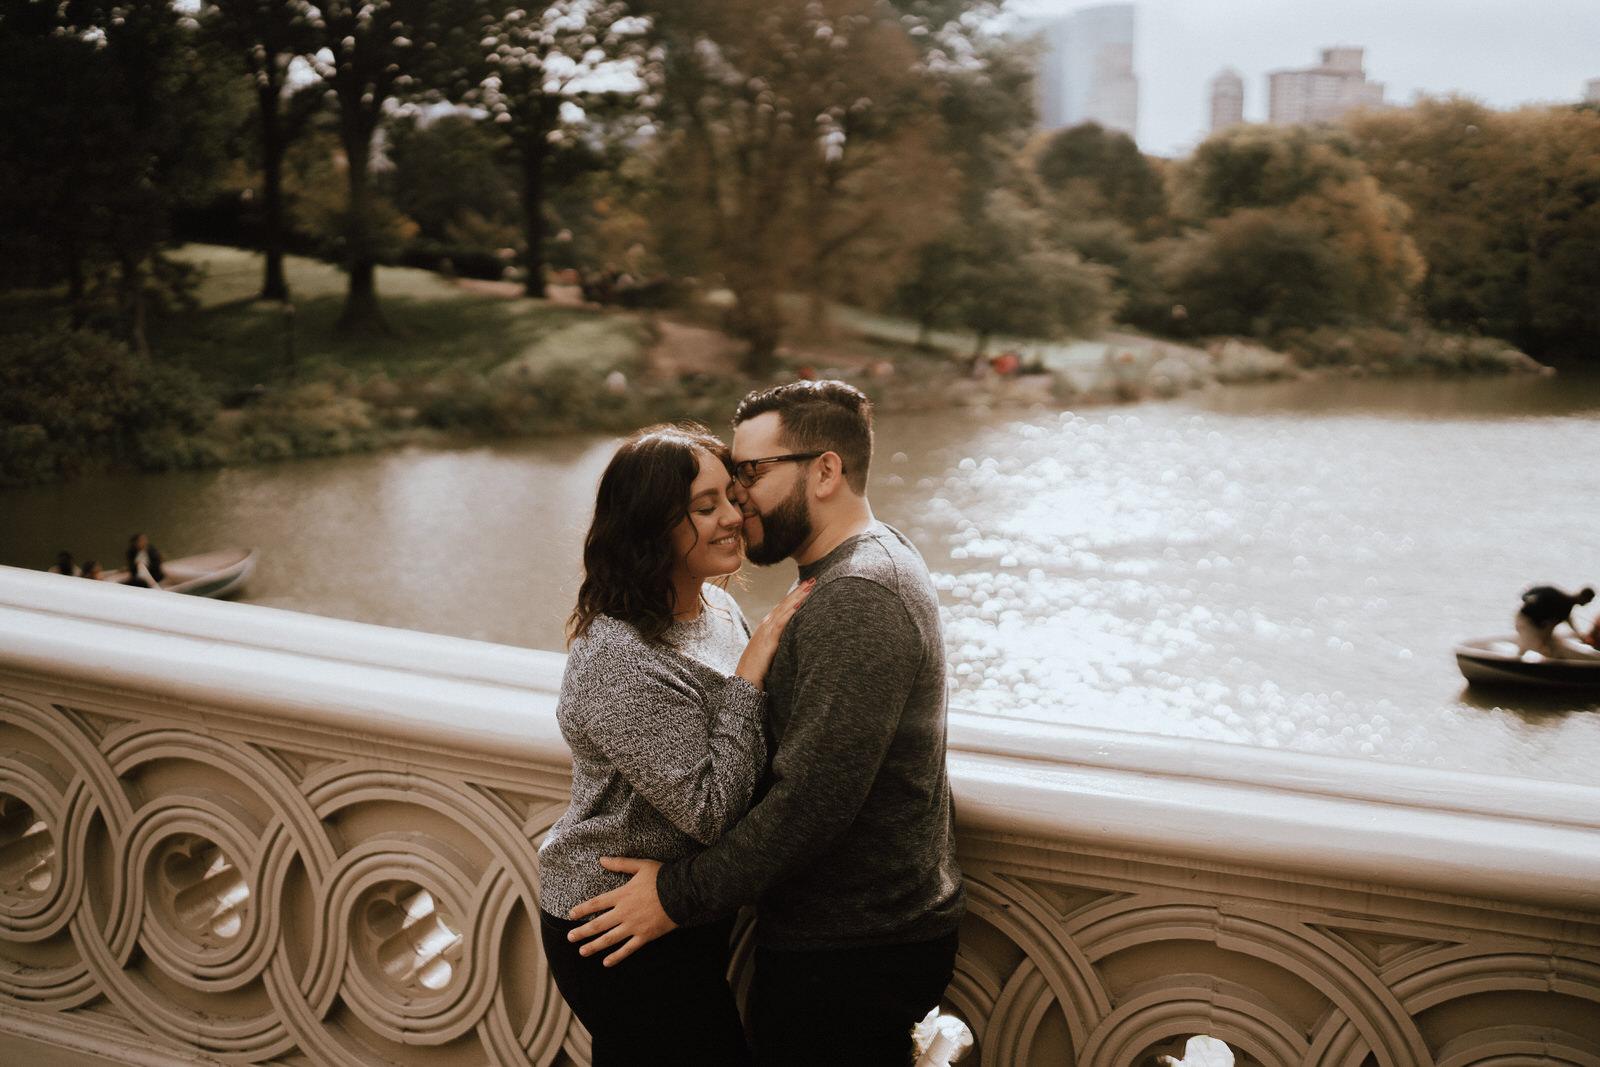 Central Park Engagement Photos-Bow Bridge-Michelle Gonzalez Photography-Alyssa and Cecilio-59.JPG